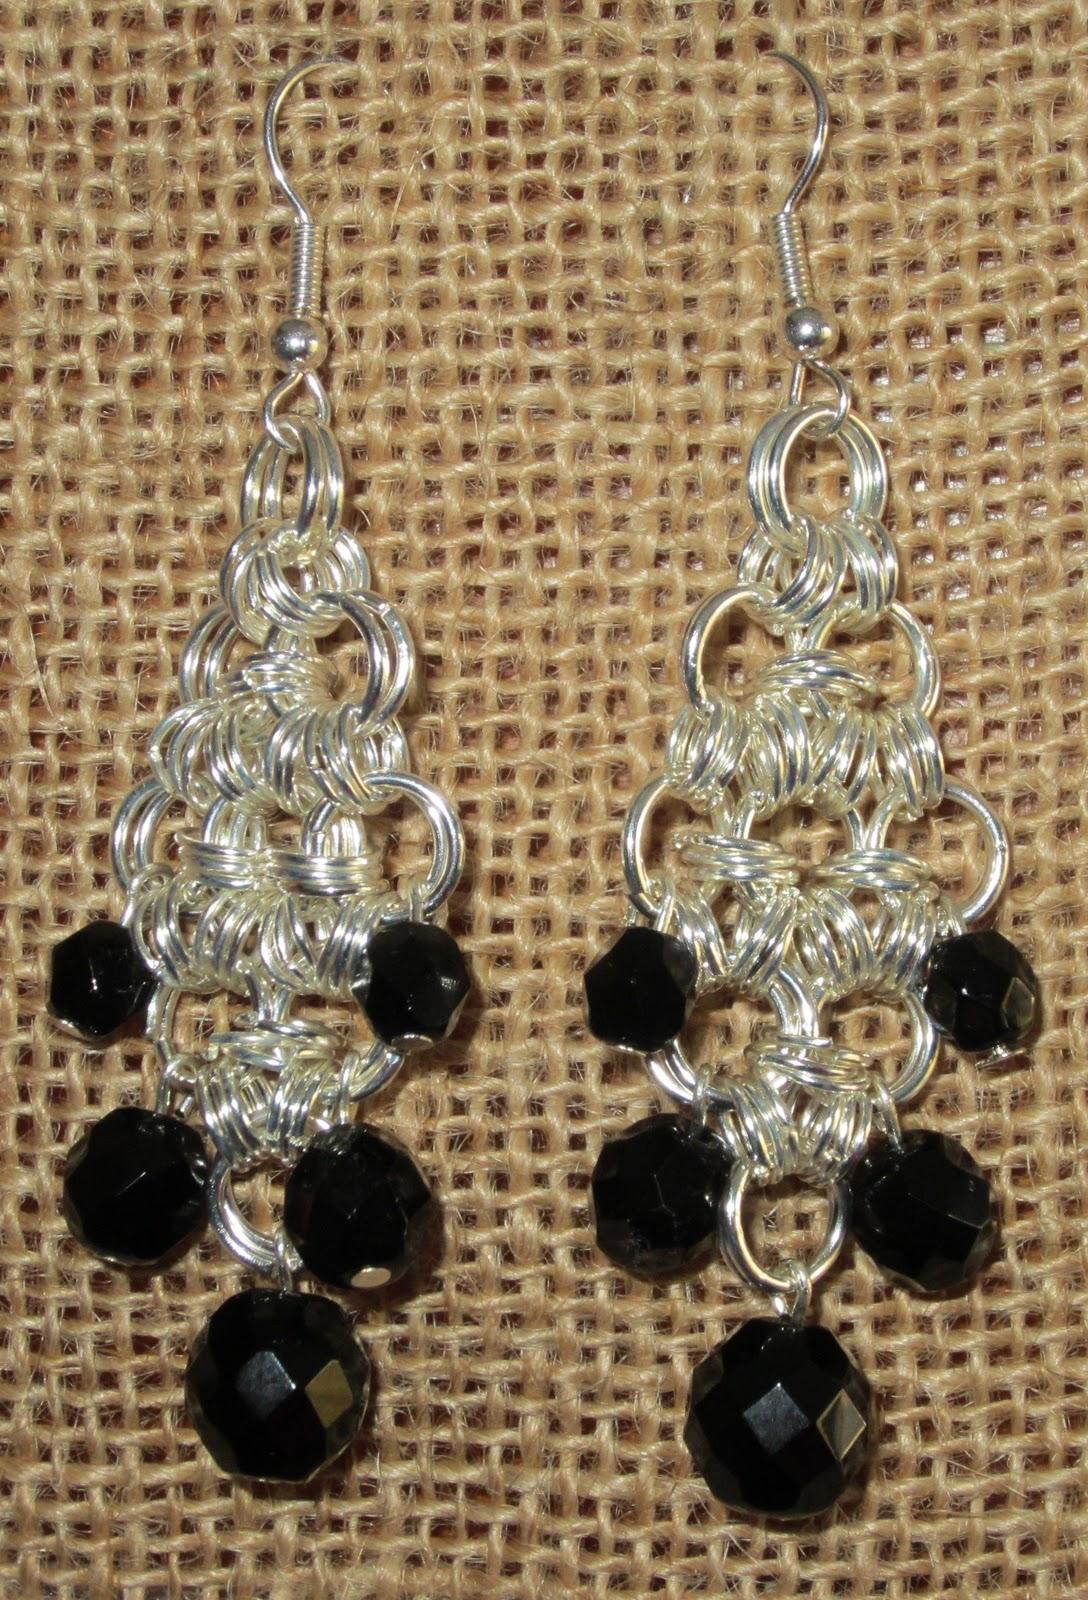 El esquema esta sacado de Beads Perles. Están hechos con la técnica de chainmaille.Preparé estos pendientes como tema para una de las clases de bisutería